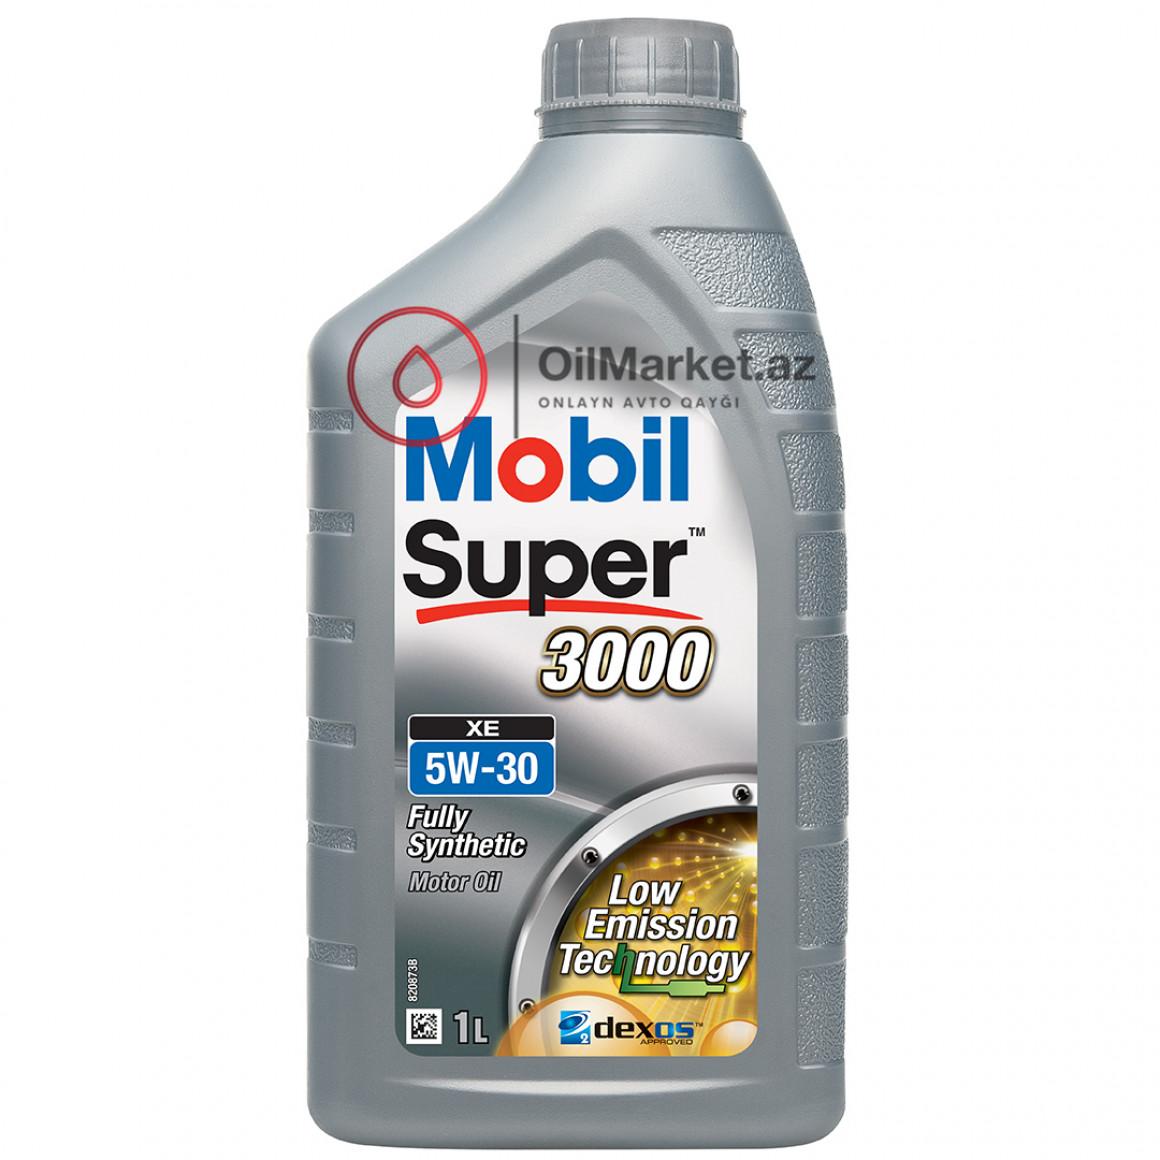 Mobil Super 3000 XE 5W-30 - 4 lt